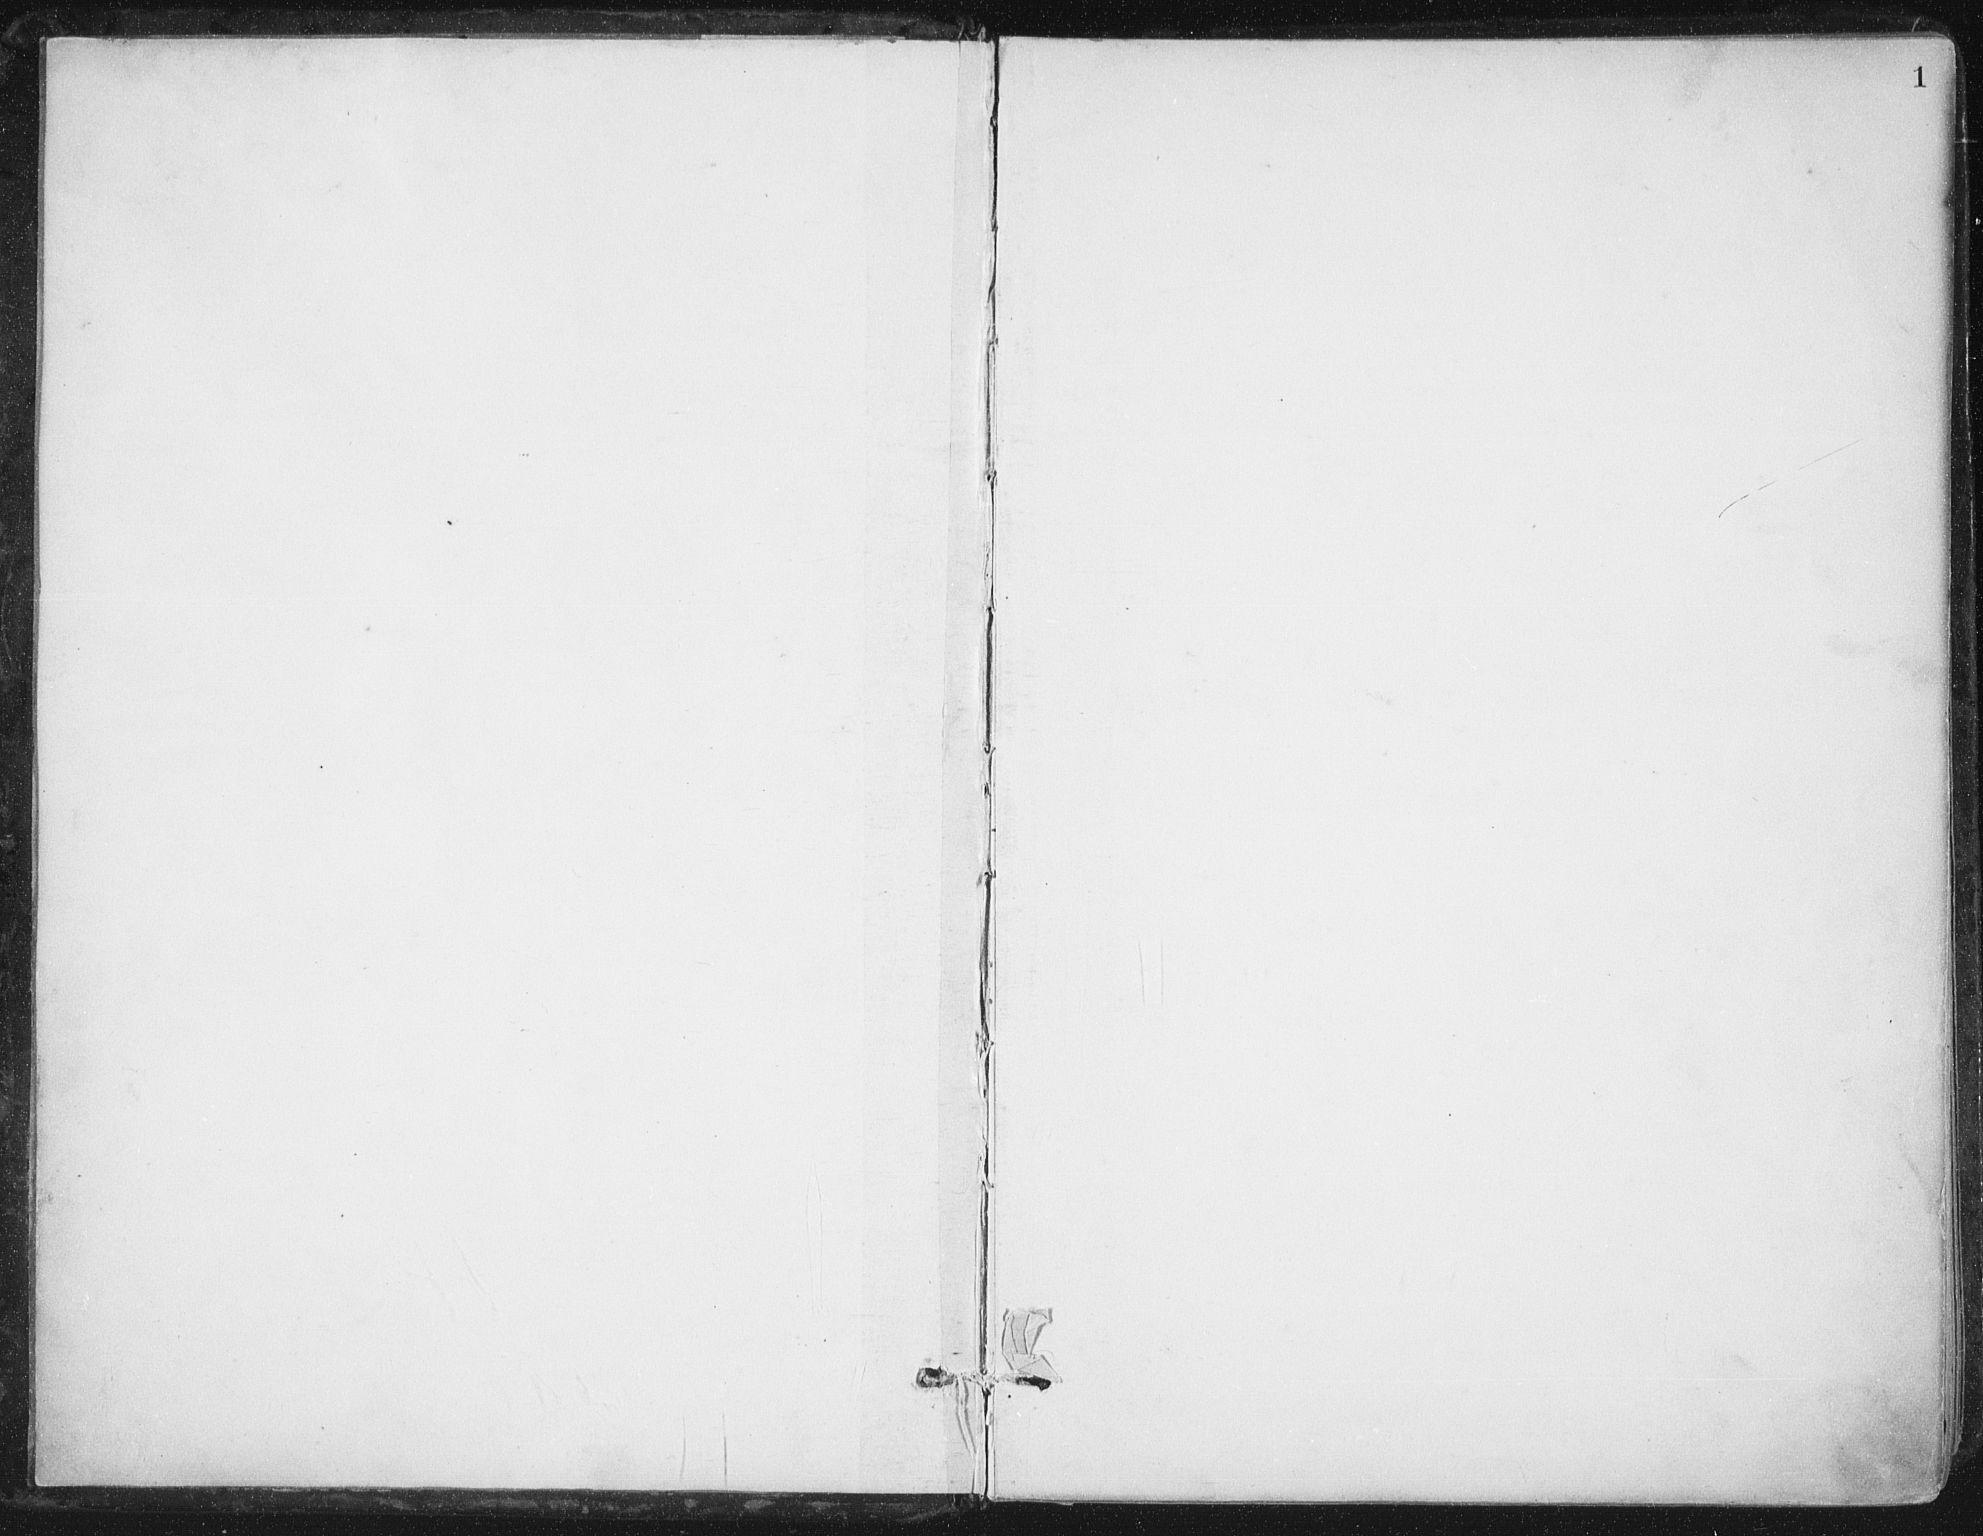 SAT, Ministerialprotokoller, klokkerbøker og fødselsregistre - Nord-Trøndelag, 784/L0673: Ministerialbok nr. 784A08, 1888-1899, s. 1